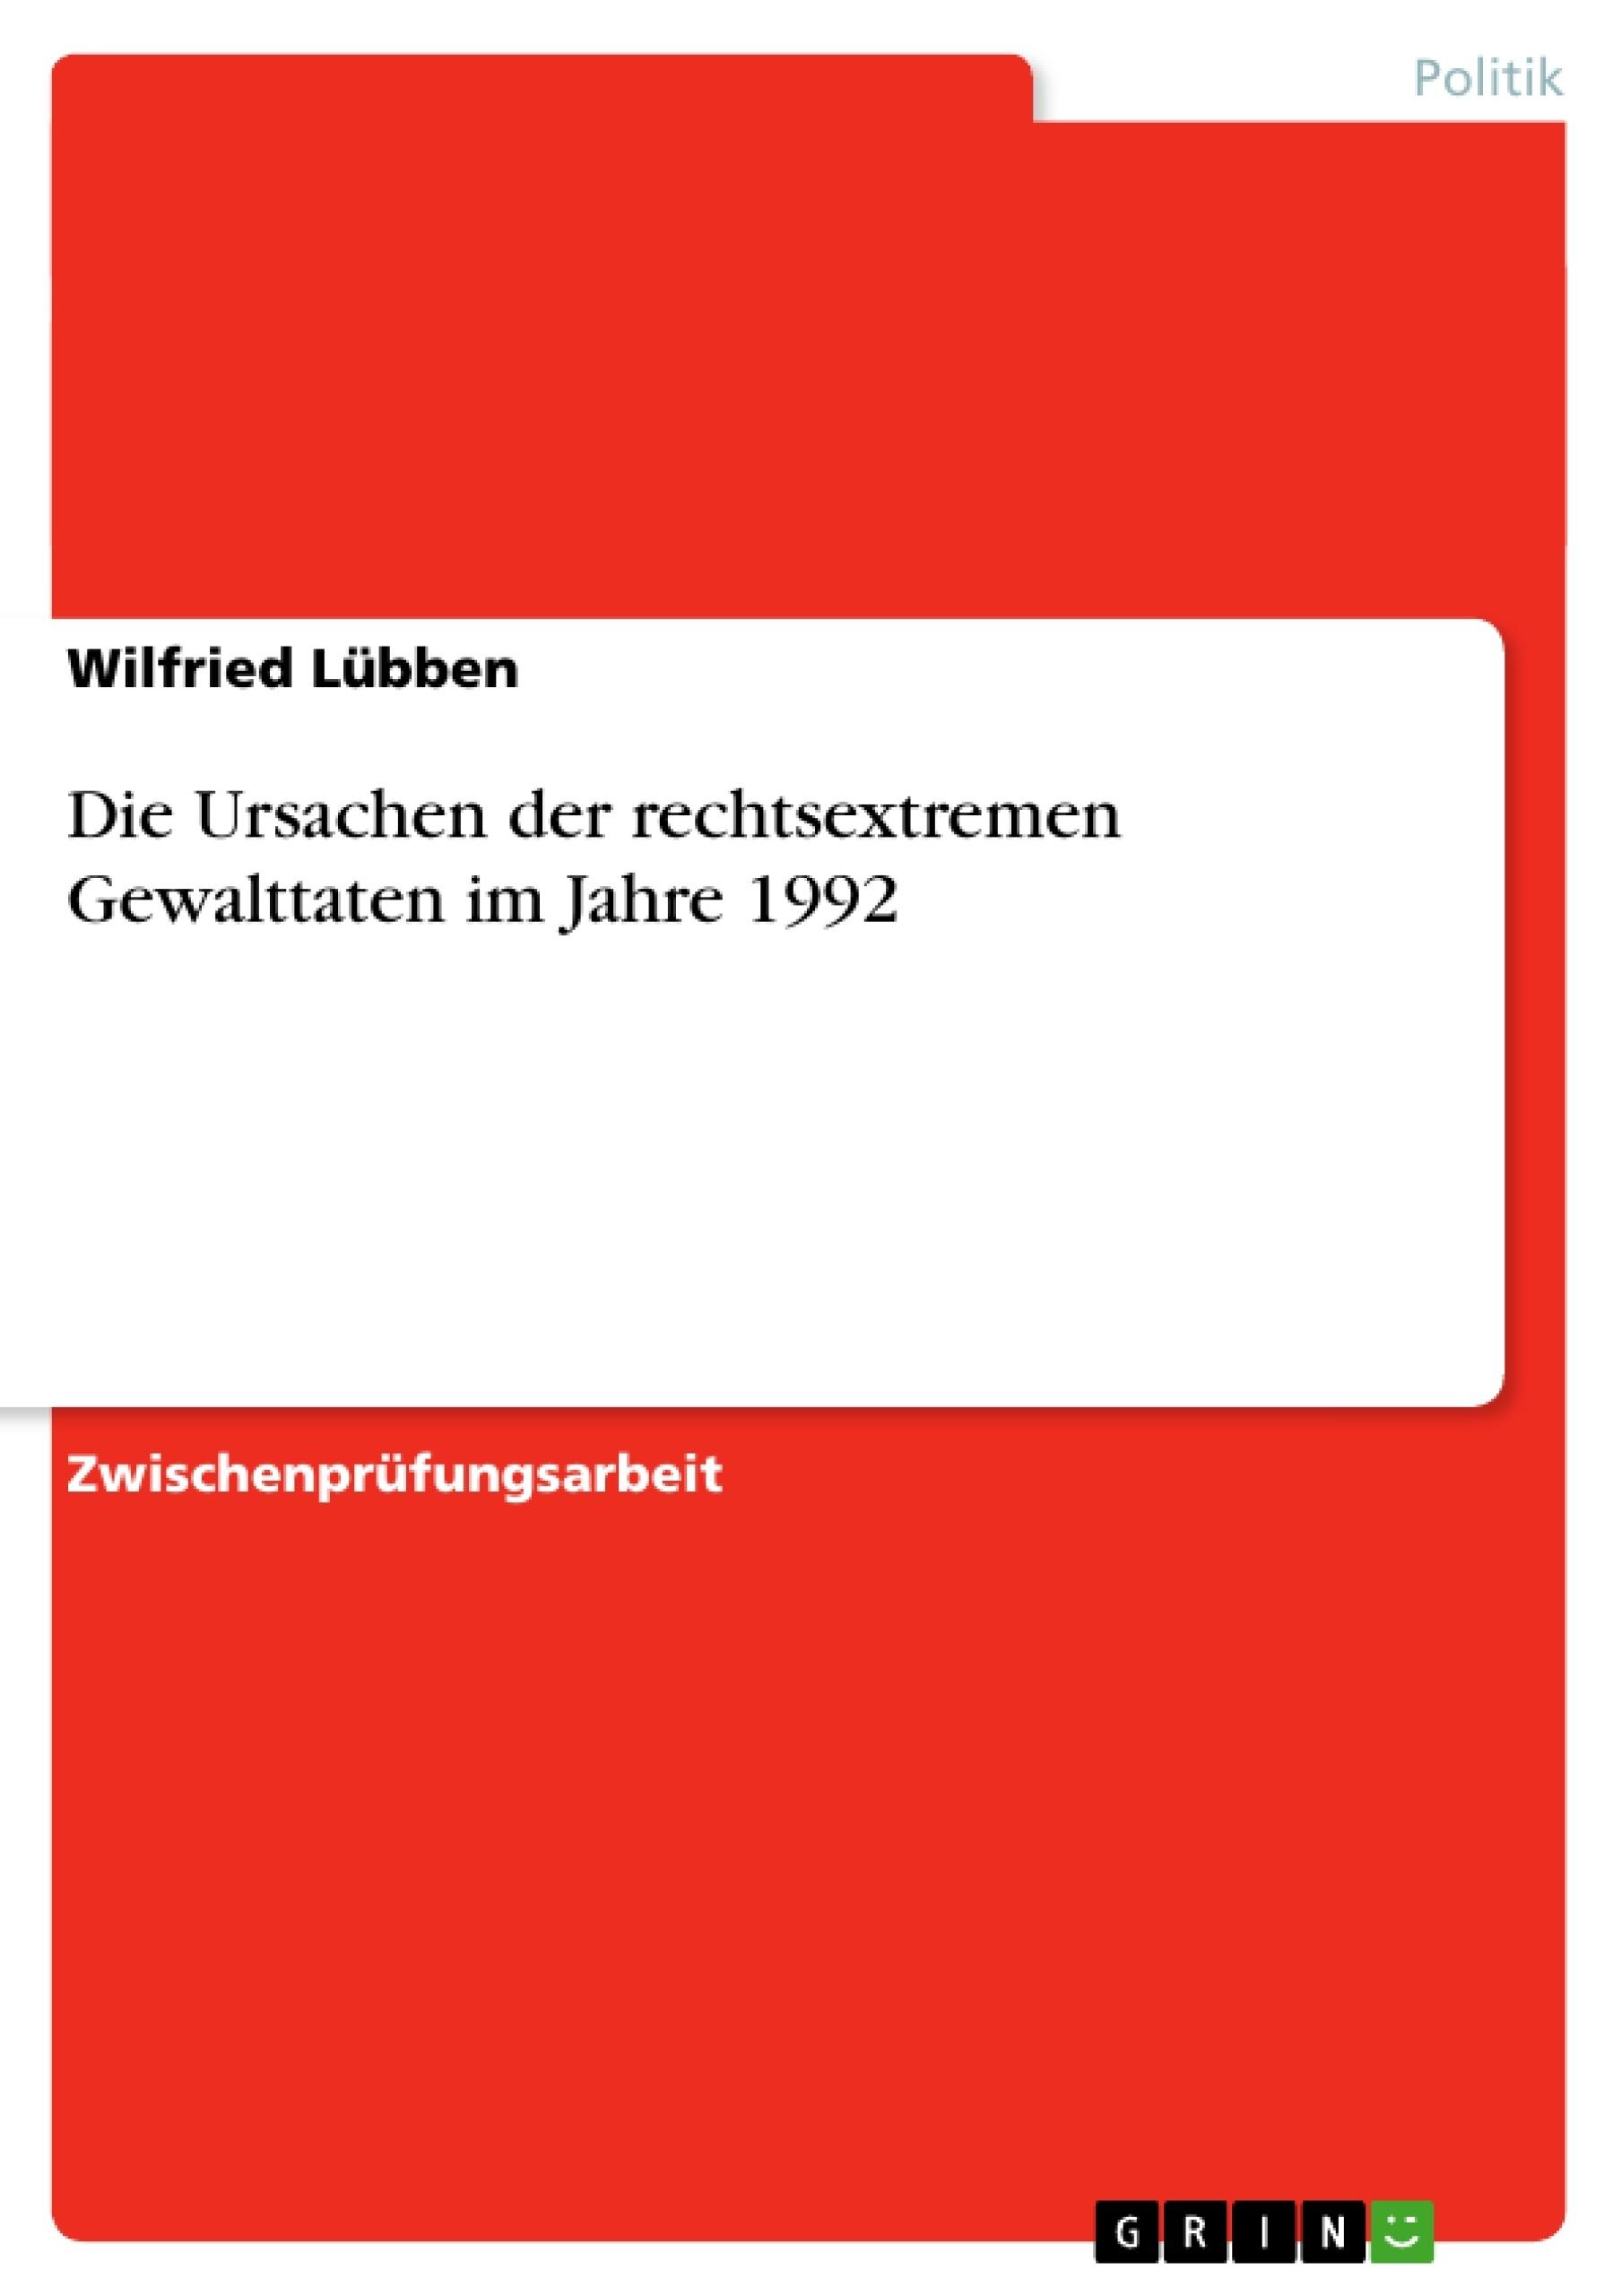 Titel: Die Ursachen der rechtsextremen Gewalttaten im Jahre 1992